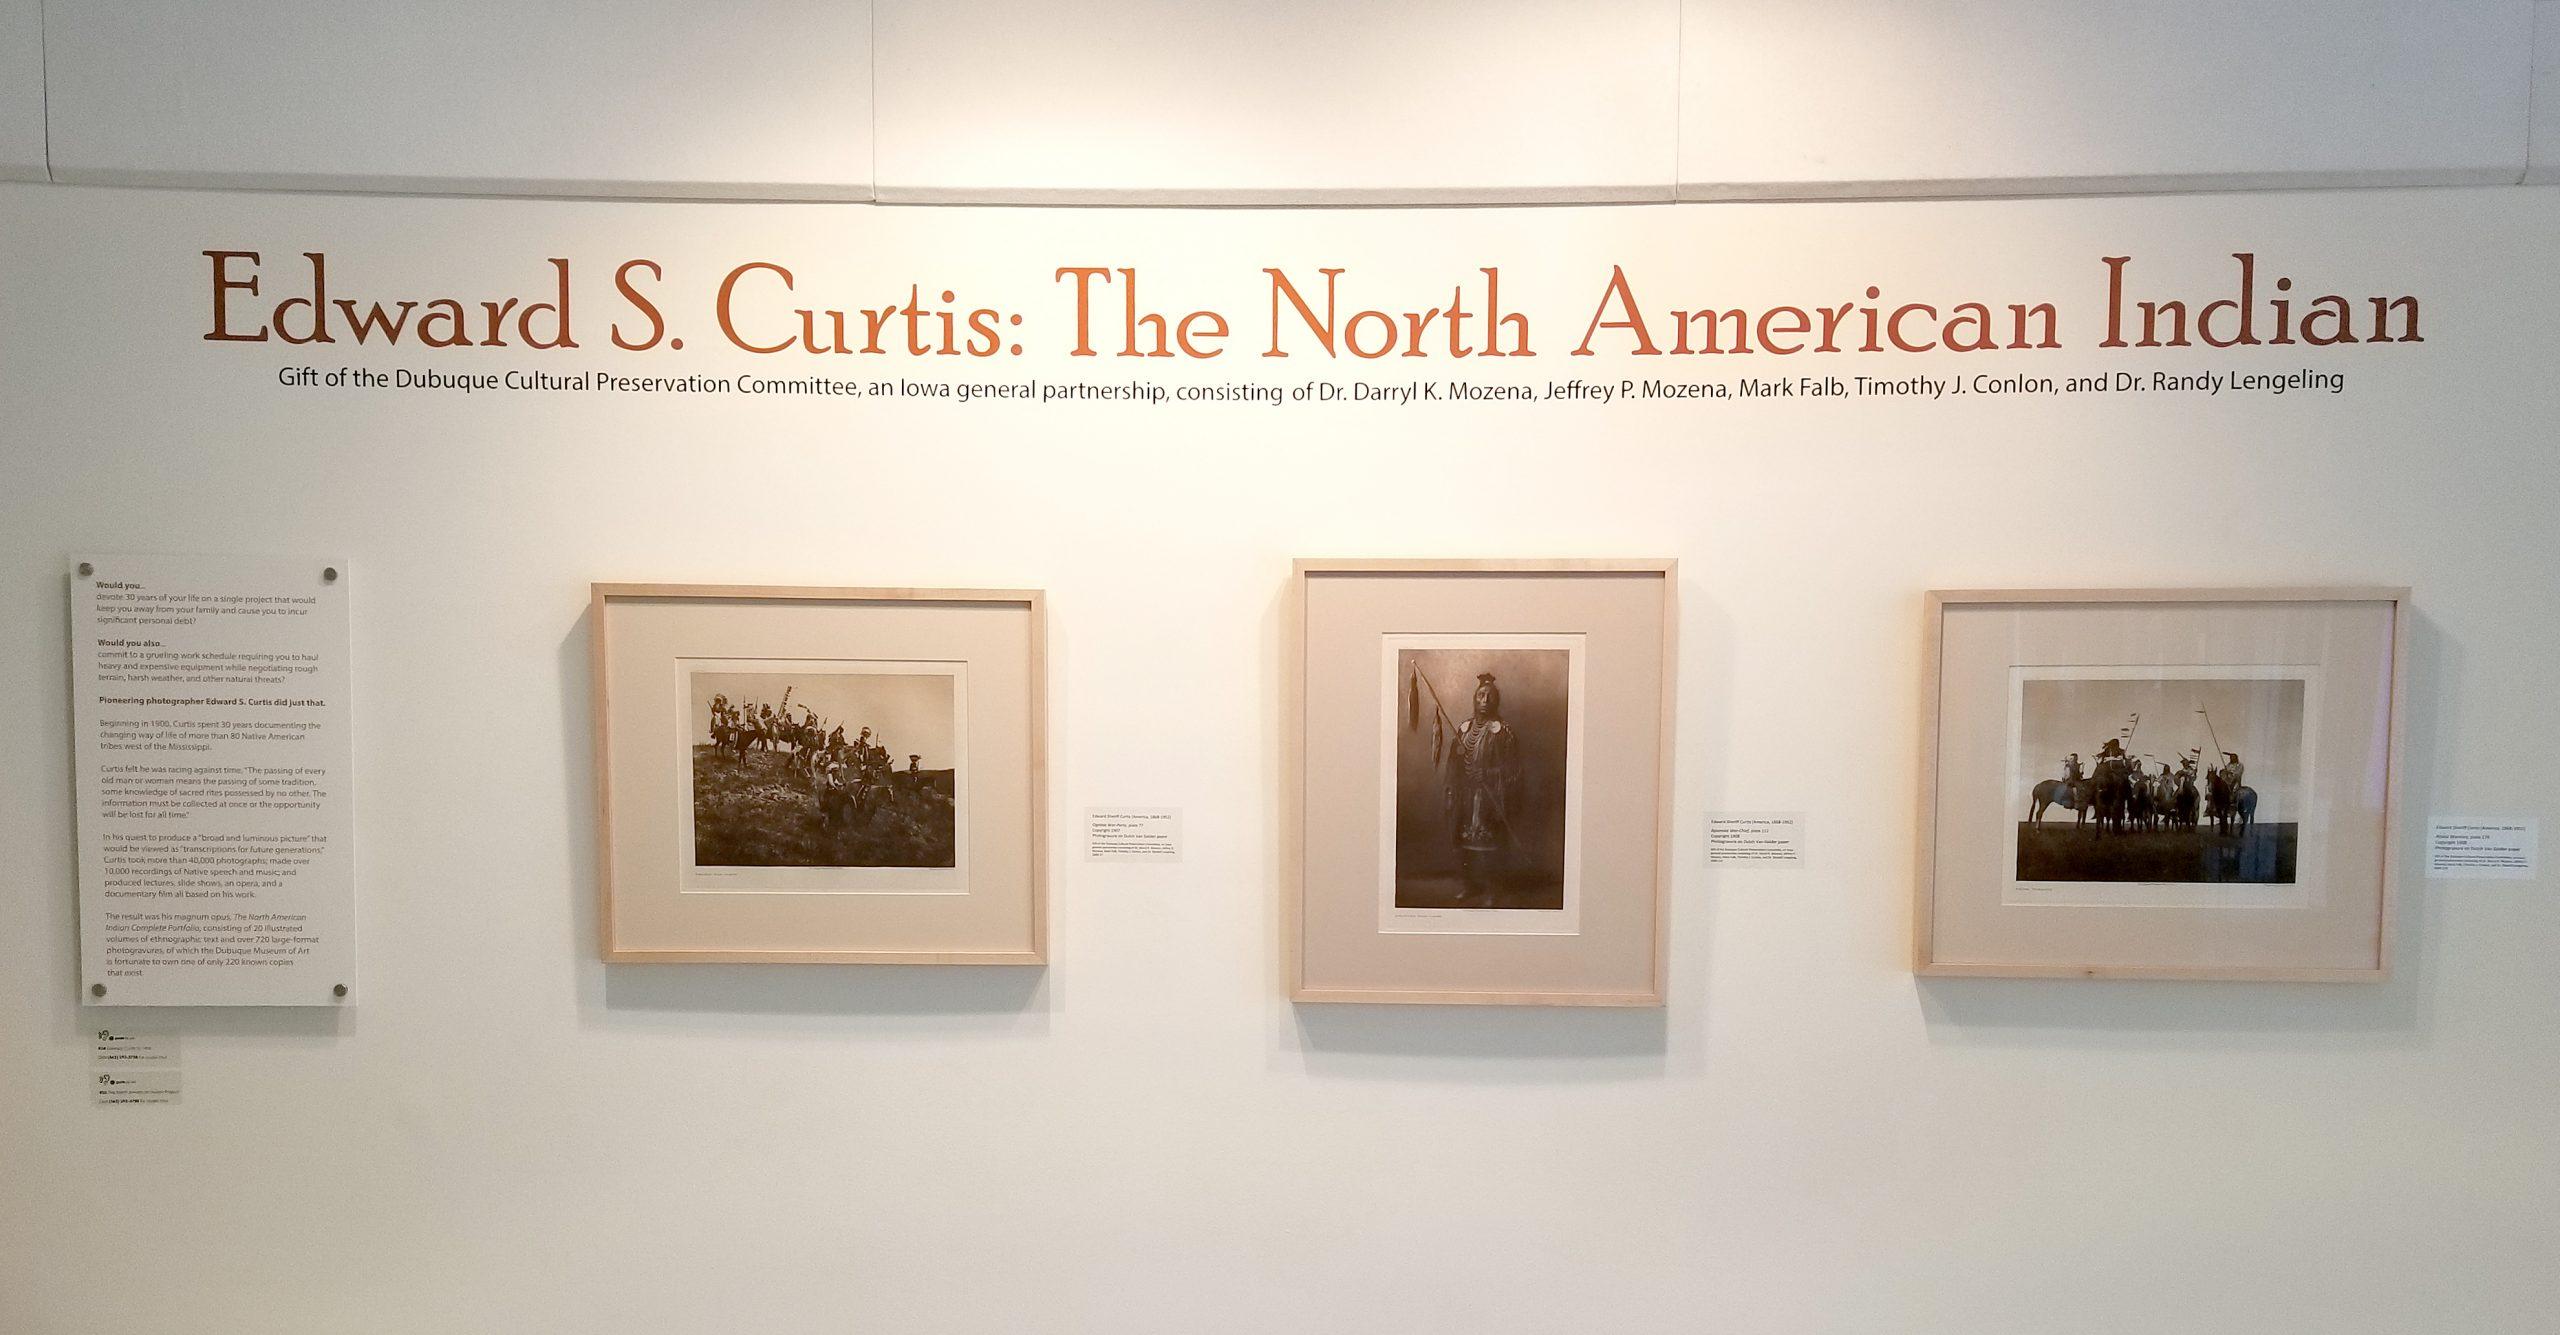 Edward S. Curtis